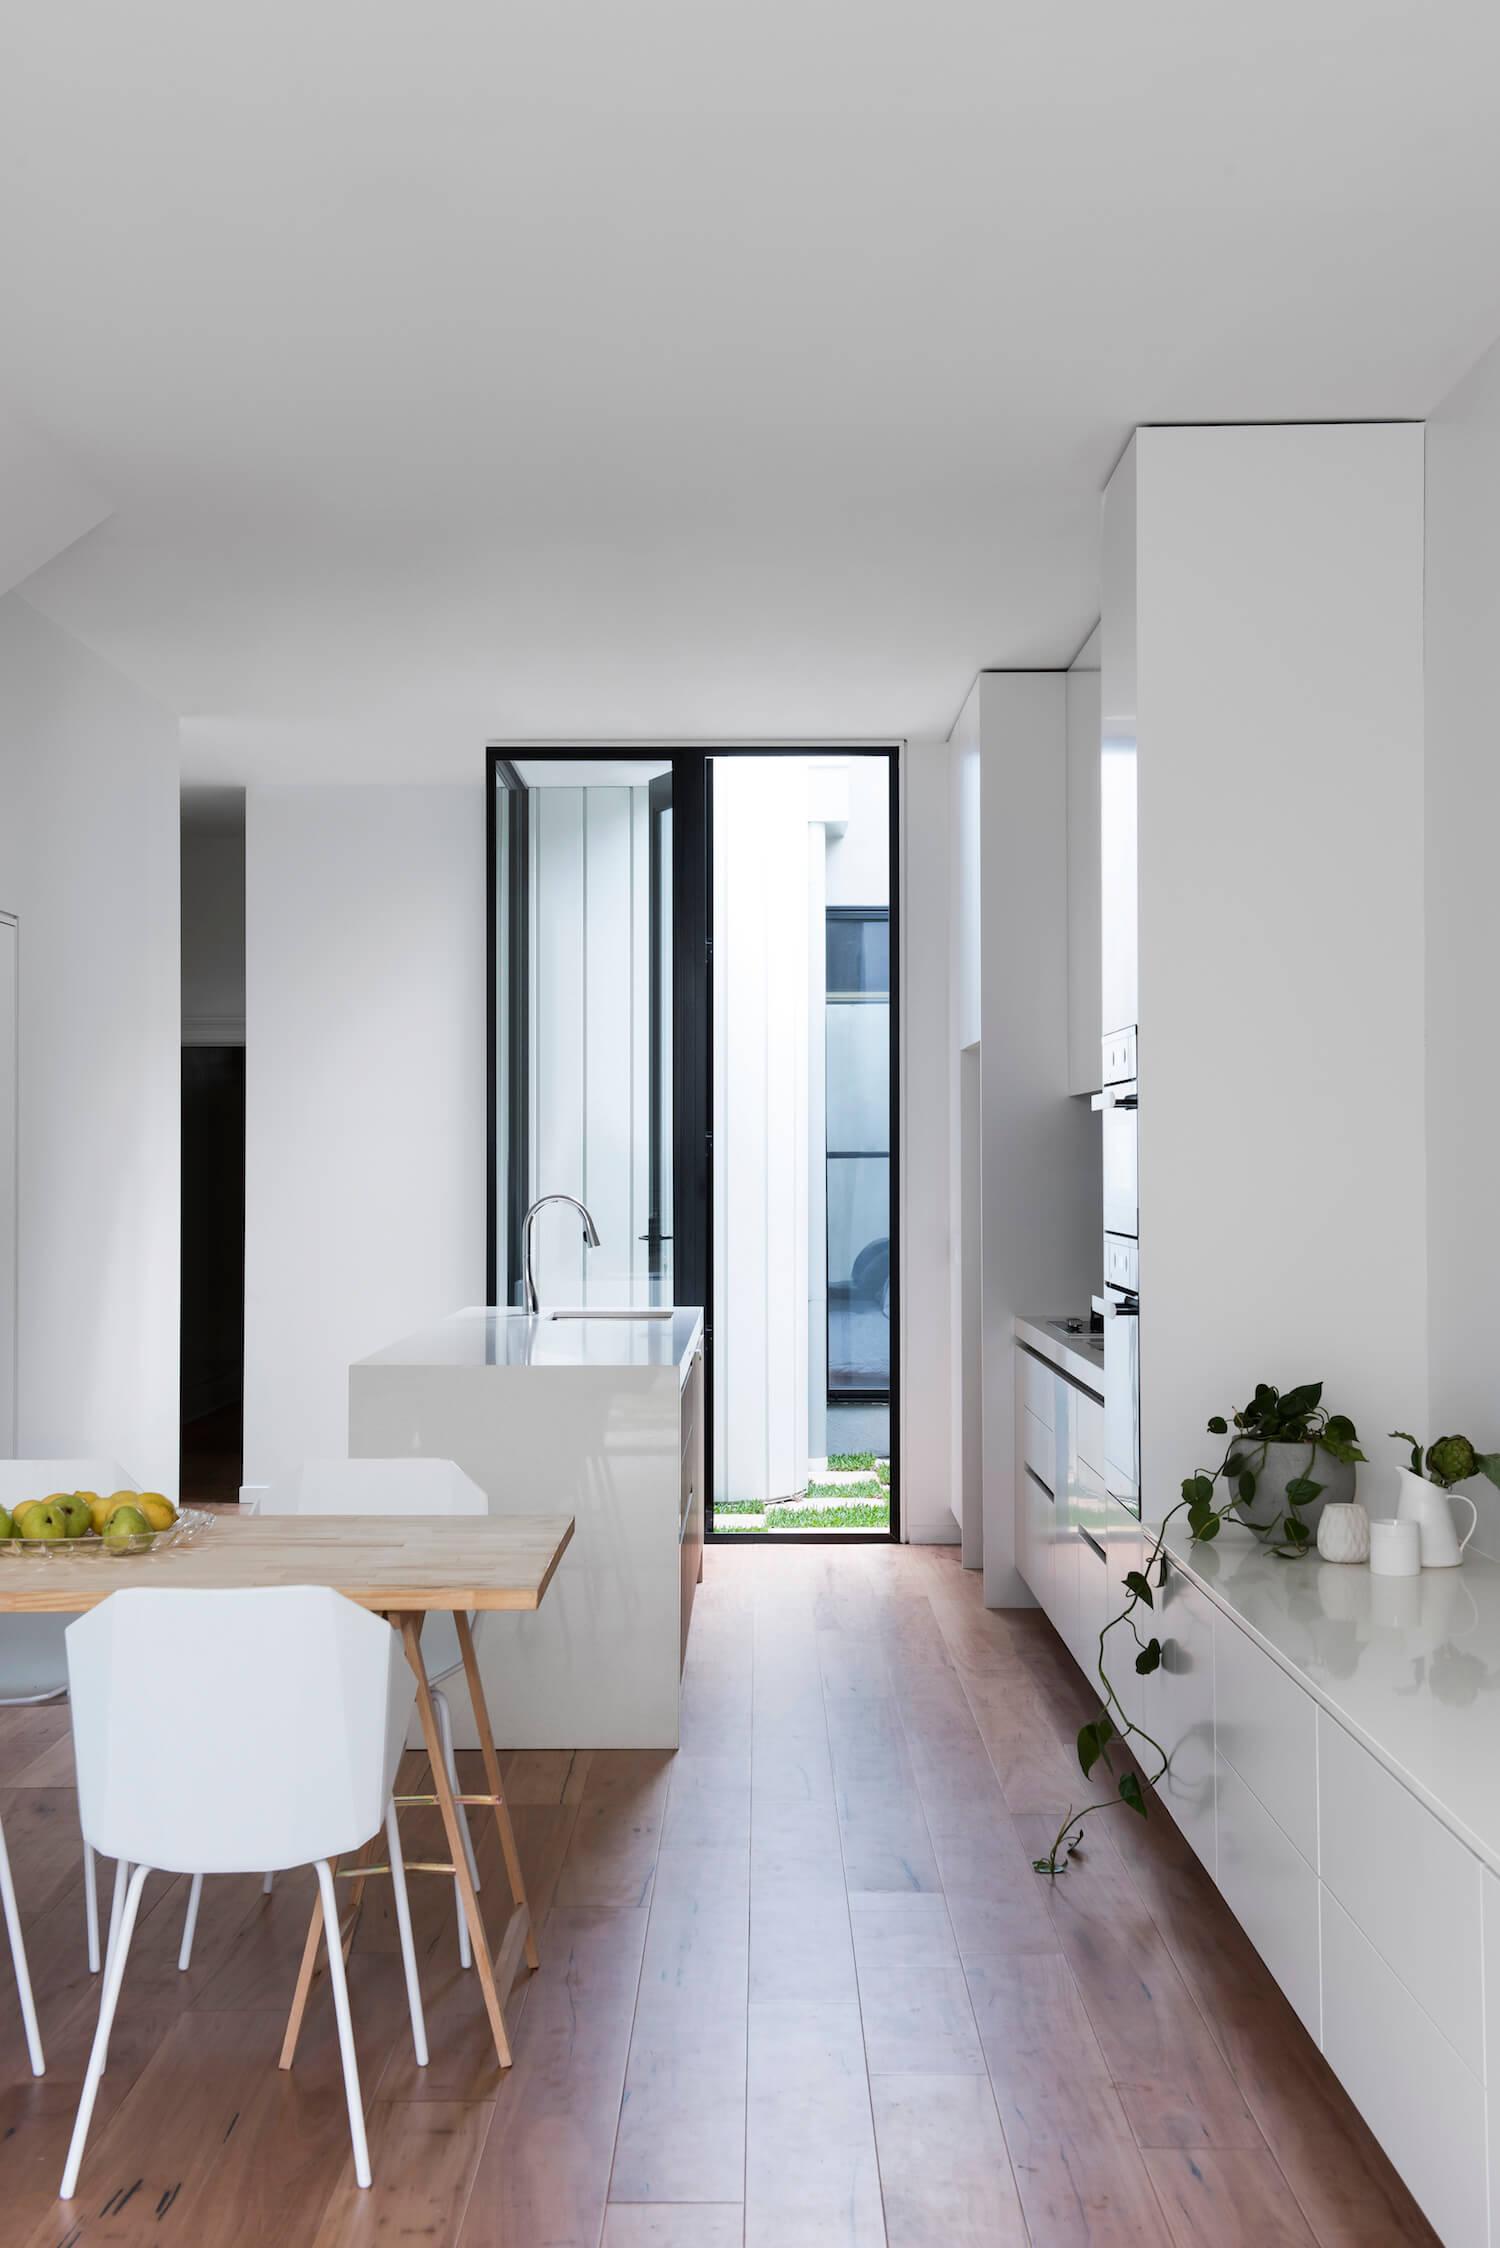 est living port melbourne home winter architecture 5